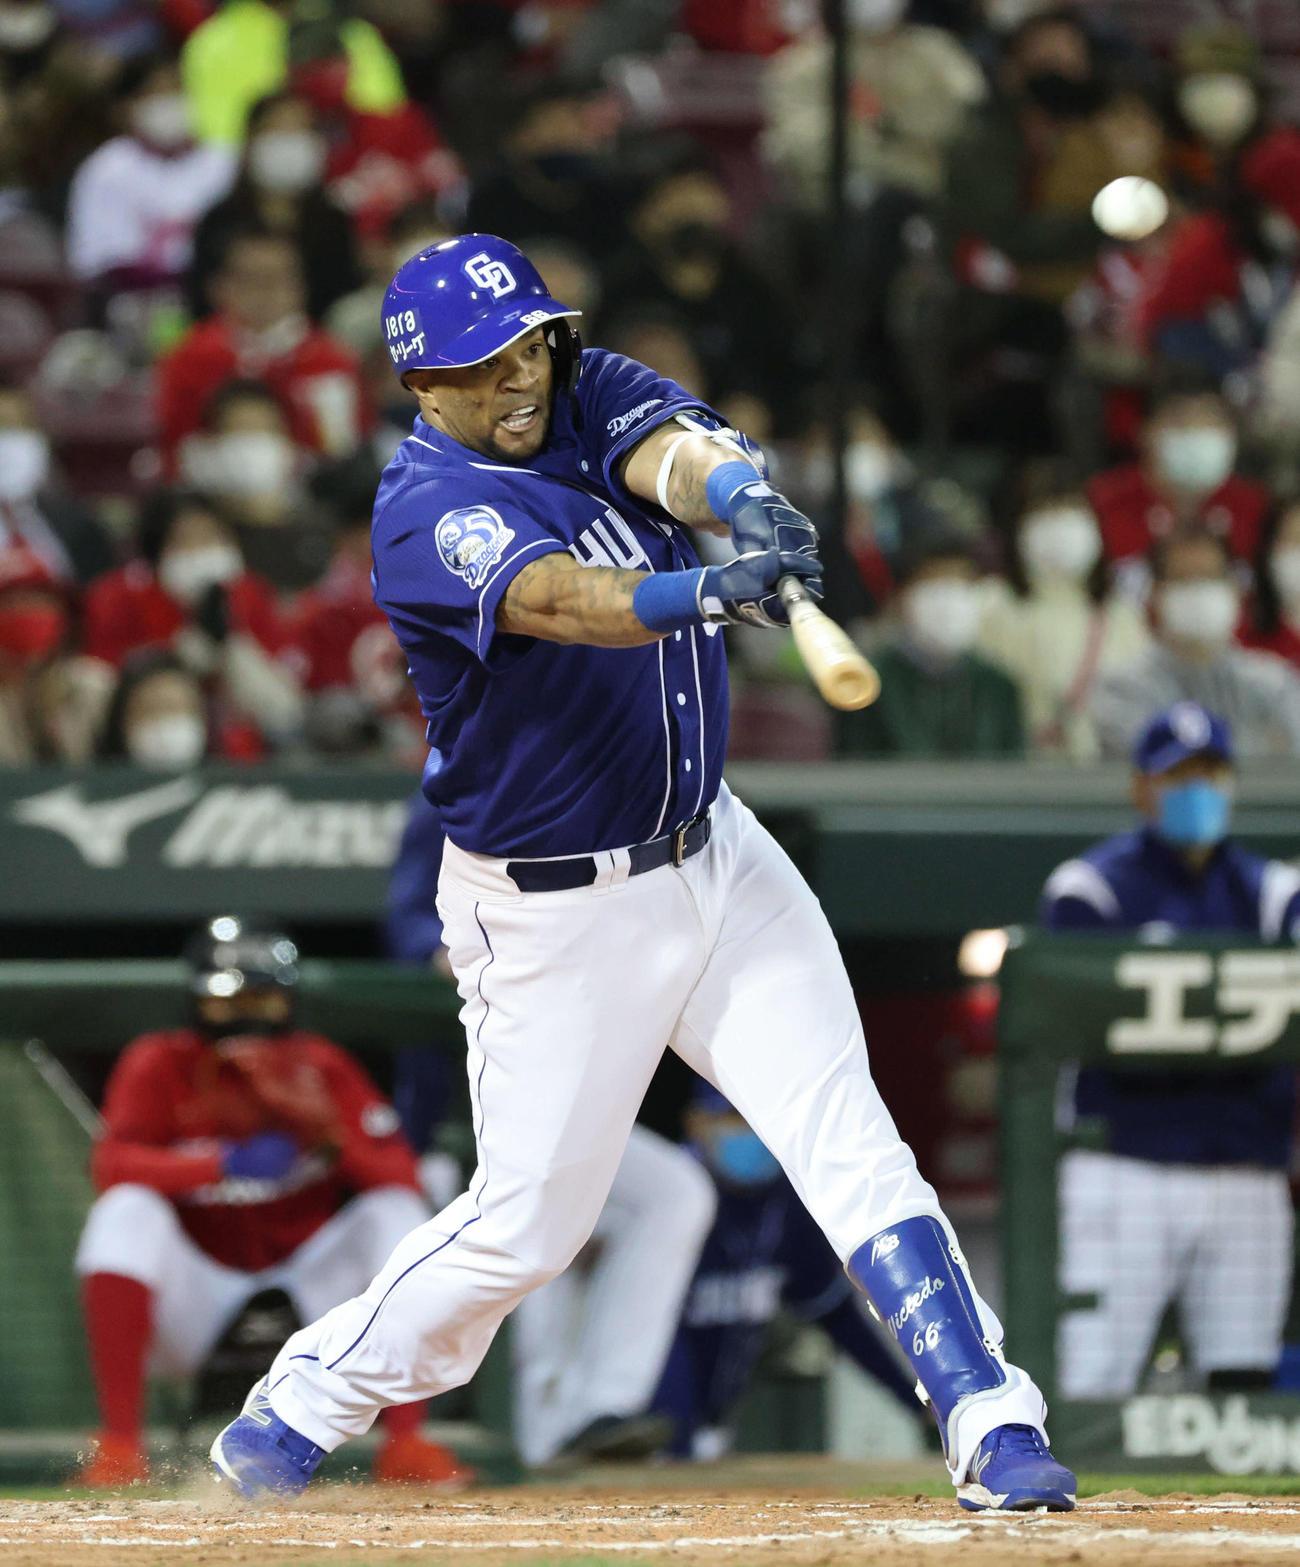 広島対中日 8回表中日2死三塁、ビシエドは右越え逆転2点本塁打を放つ(2021年3月26日撮影)